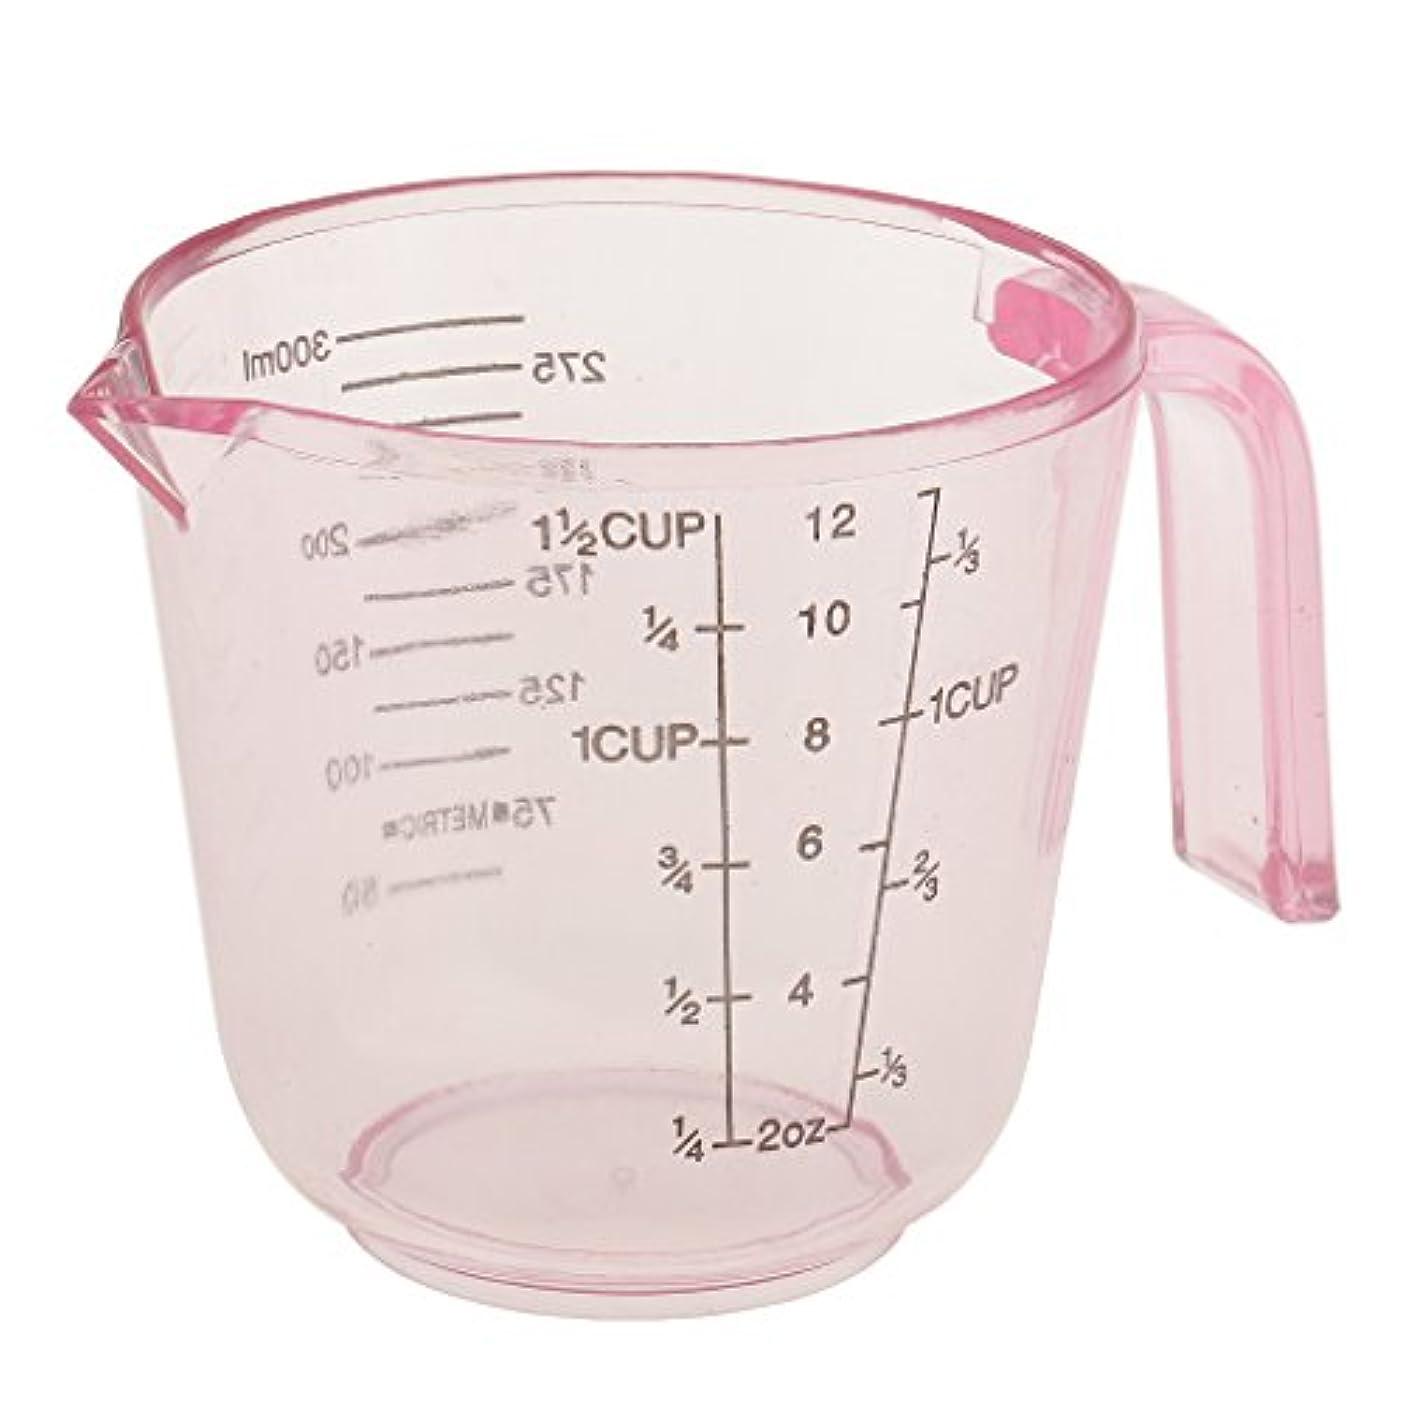 気になるパネルシンボルPerfk 計量カップ 多機能 プラスチック製 サロン ヘアカラー 髪染め 測定用 全3色選べ - ピンク